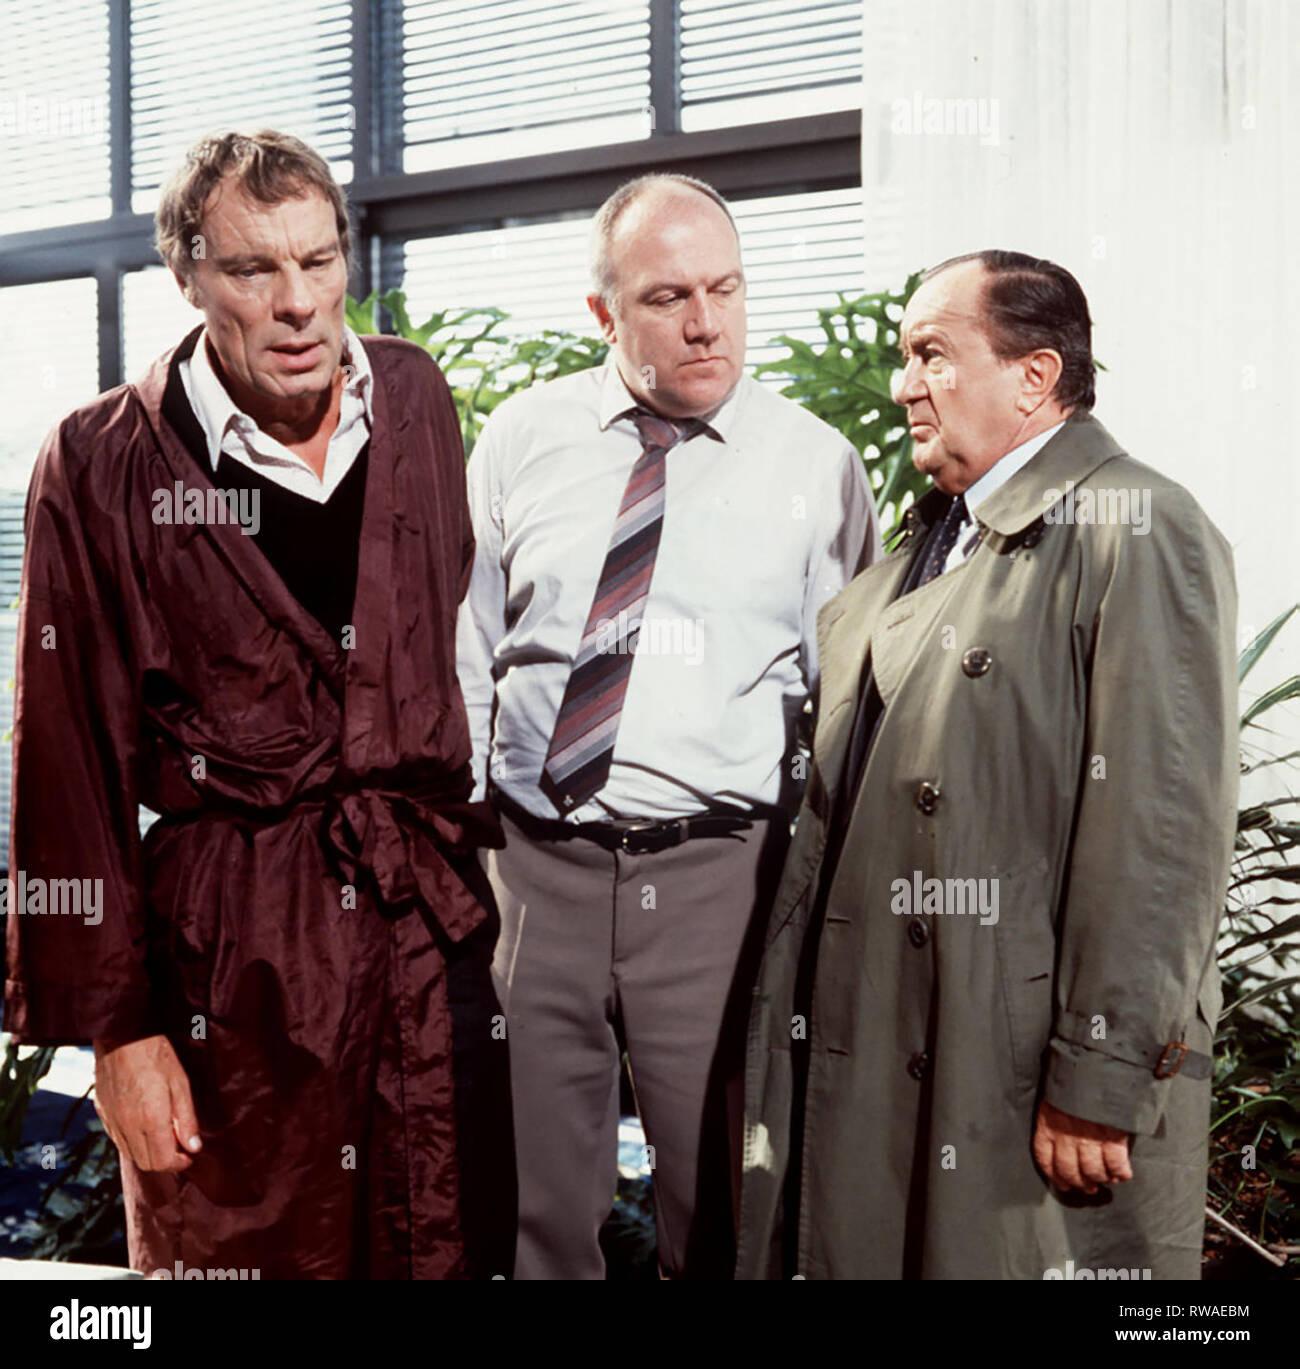 DER ALTE / Auf Leben und Tod / Helmut Wegner (MICHAEL GAHR), Ulf Bärmann (THOMAS HOLTZMANN), Erwin Köster (SIEGFRIED LOWITZ). / / 29742 , 16DFAZDFALT / Überschrift: DER ALTE / BRD 1983 Immagini Stock